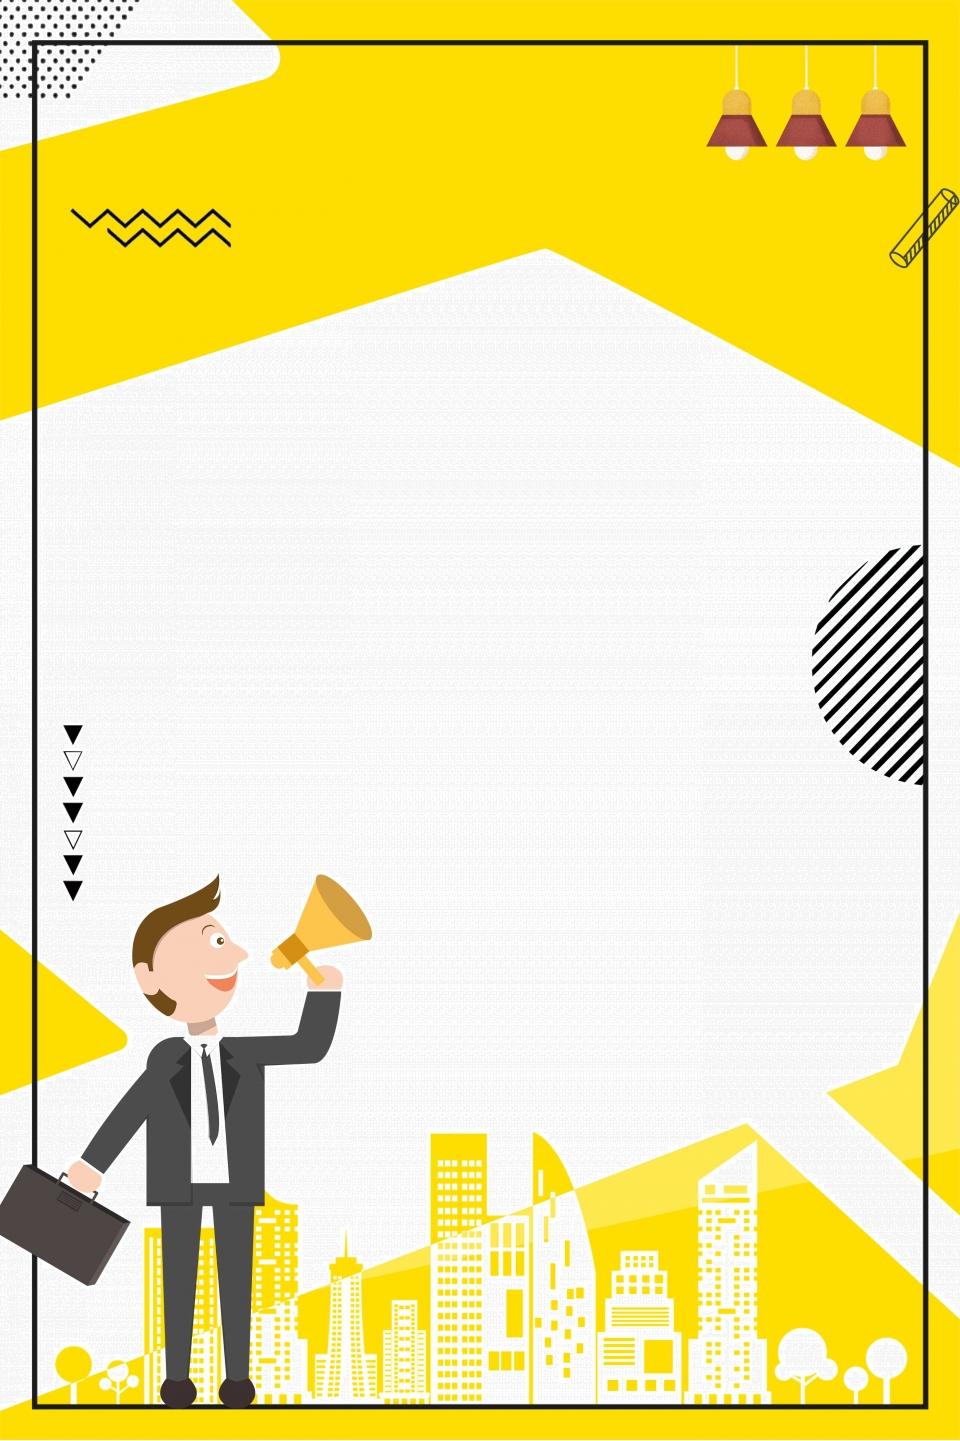 تصميم الملصقات الإعلان الخارجي الملصق الخارجي ملصق الكرتون تصميم الملصقات توظيف الحرم الجامعي الهواء صورة الخلفية للتحميل مجانا